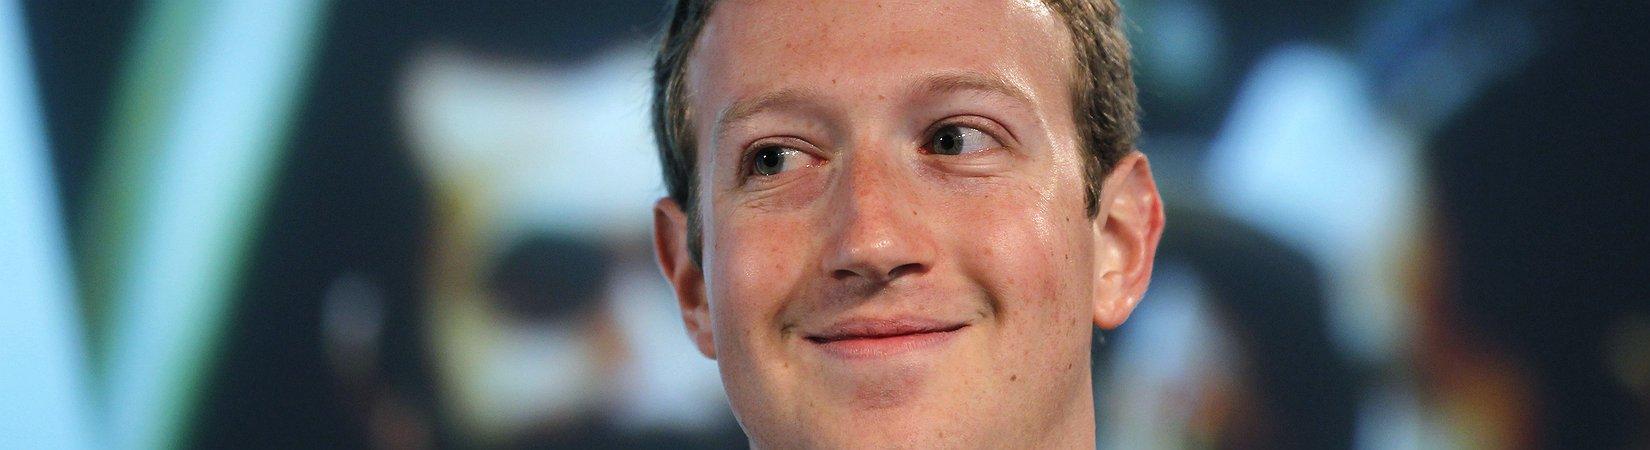 Zuckerberg asegura que no quiere ser presidente